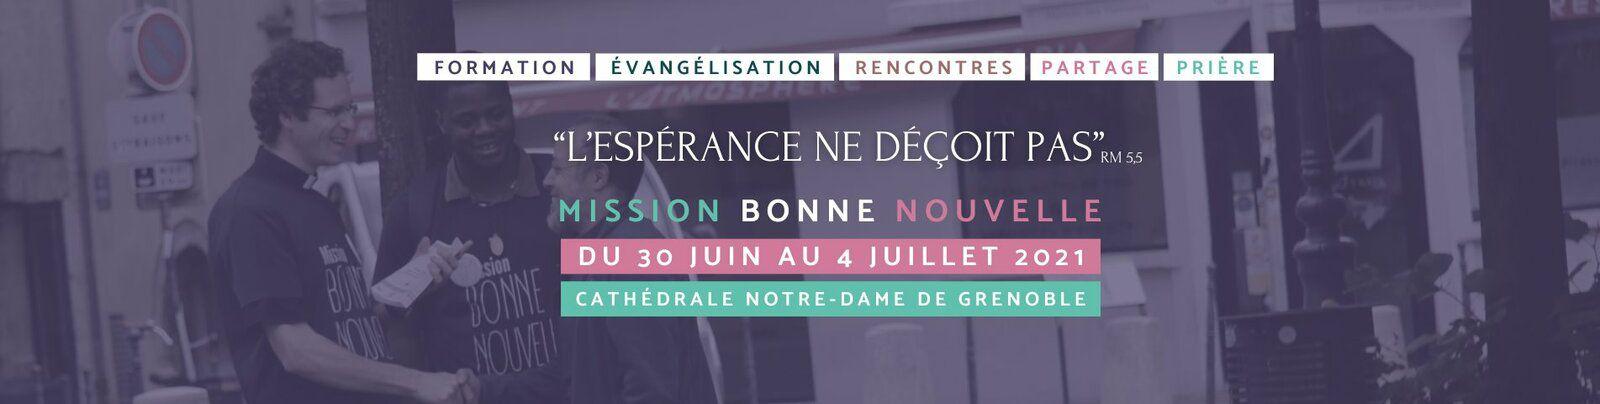 Homélie samedi 3 juillet 2021